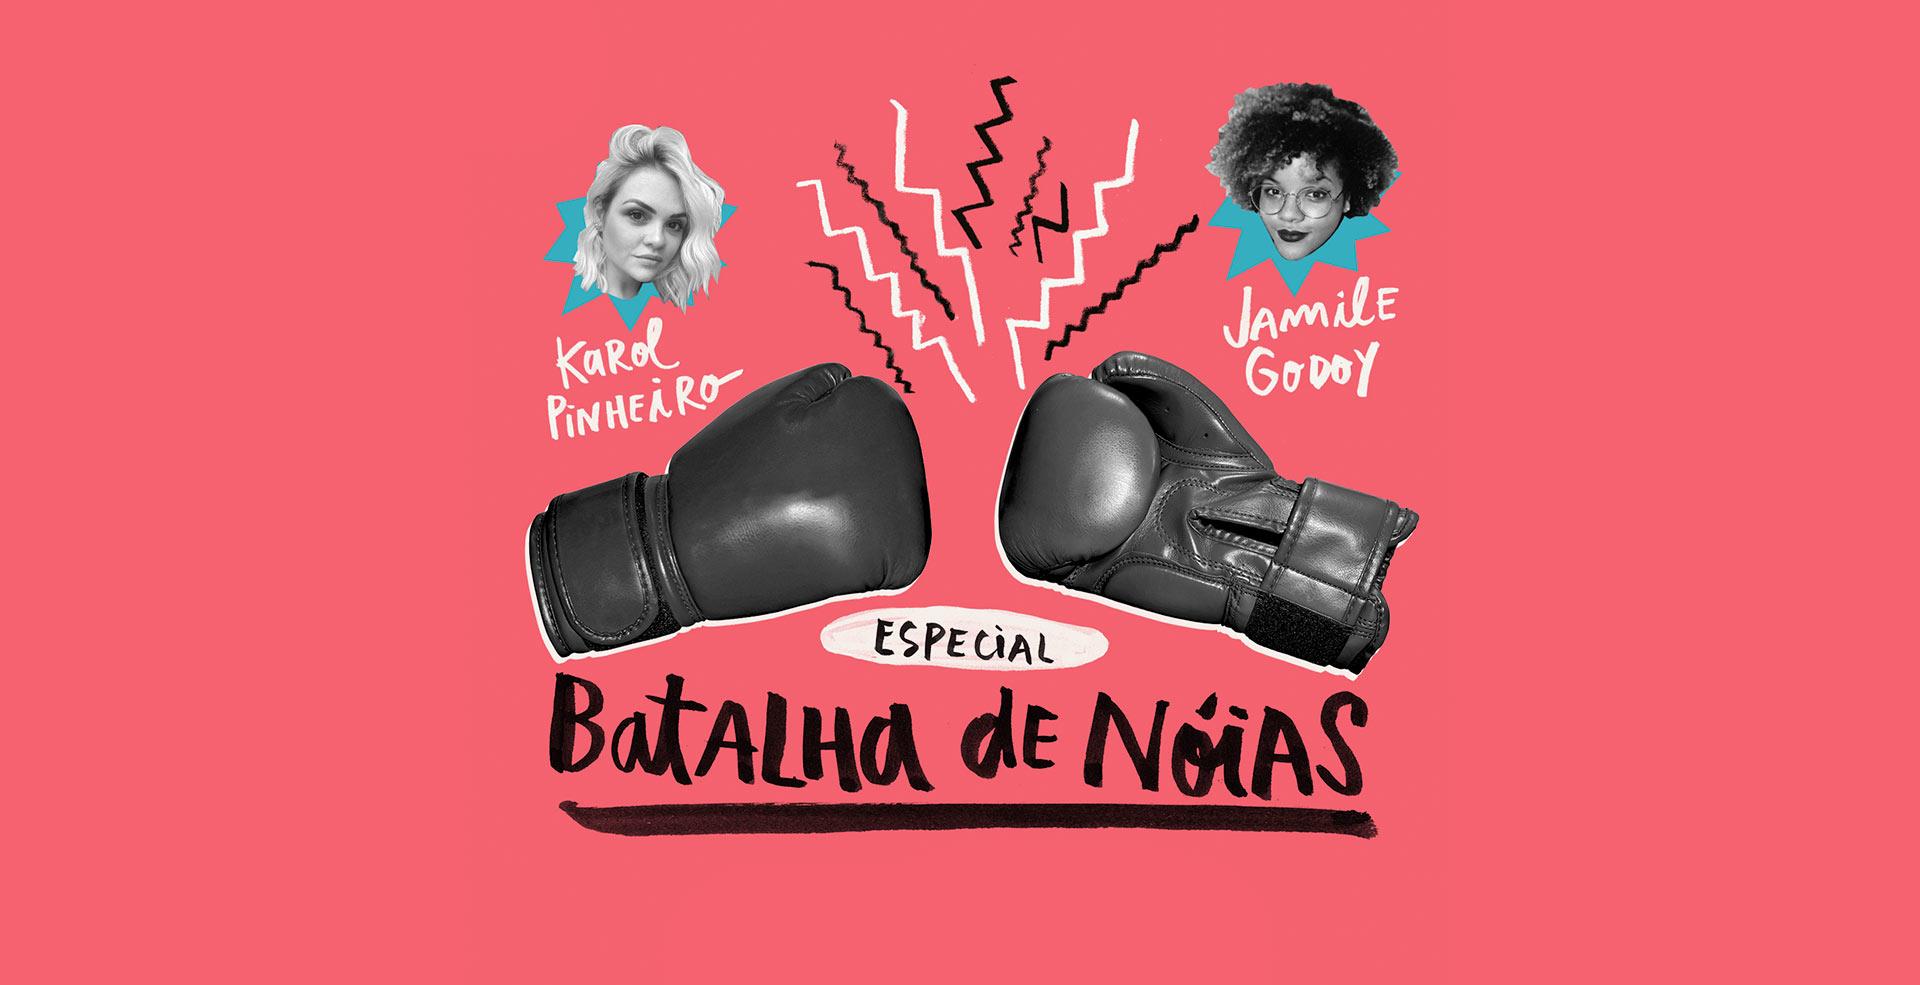 Batalha de Noias – edição especial